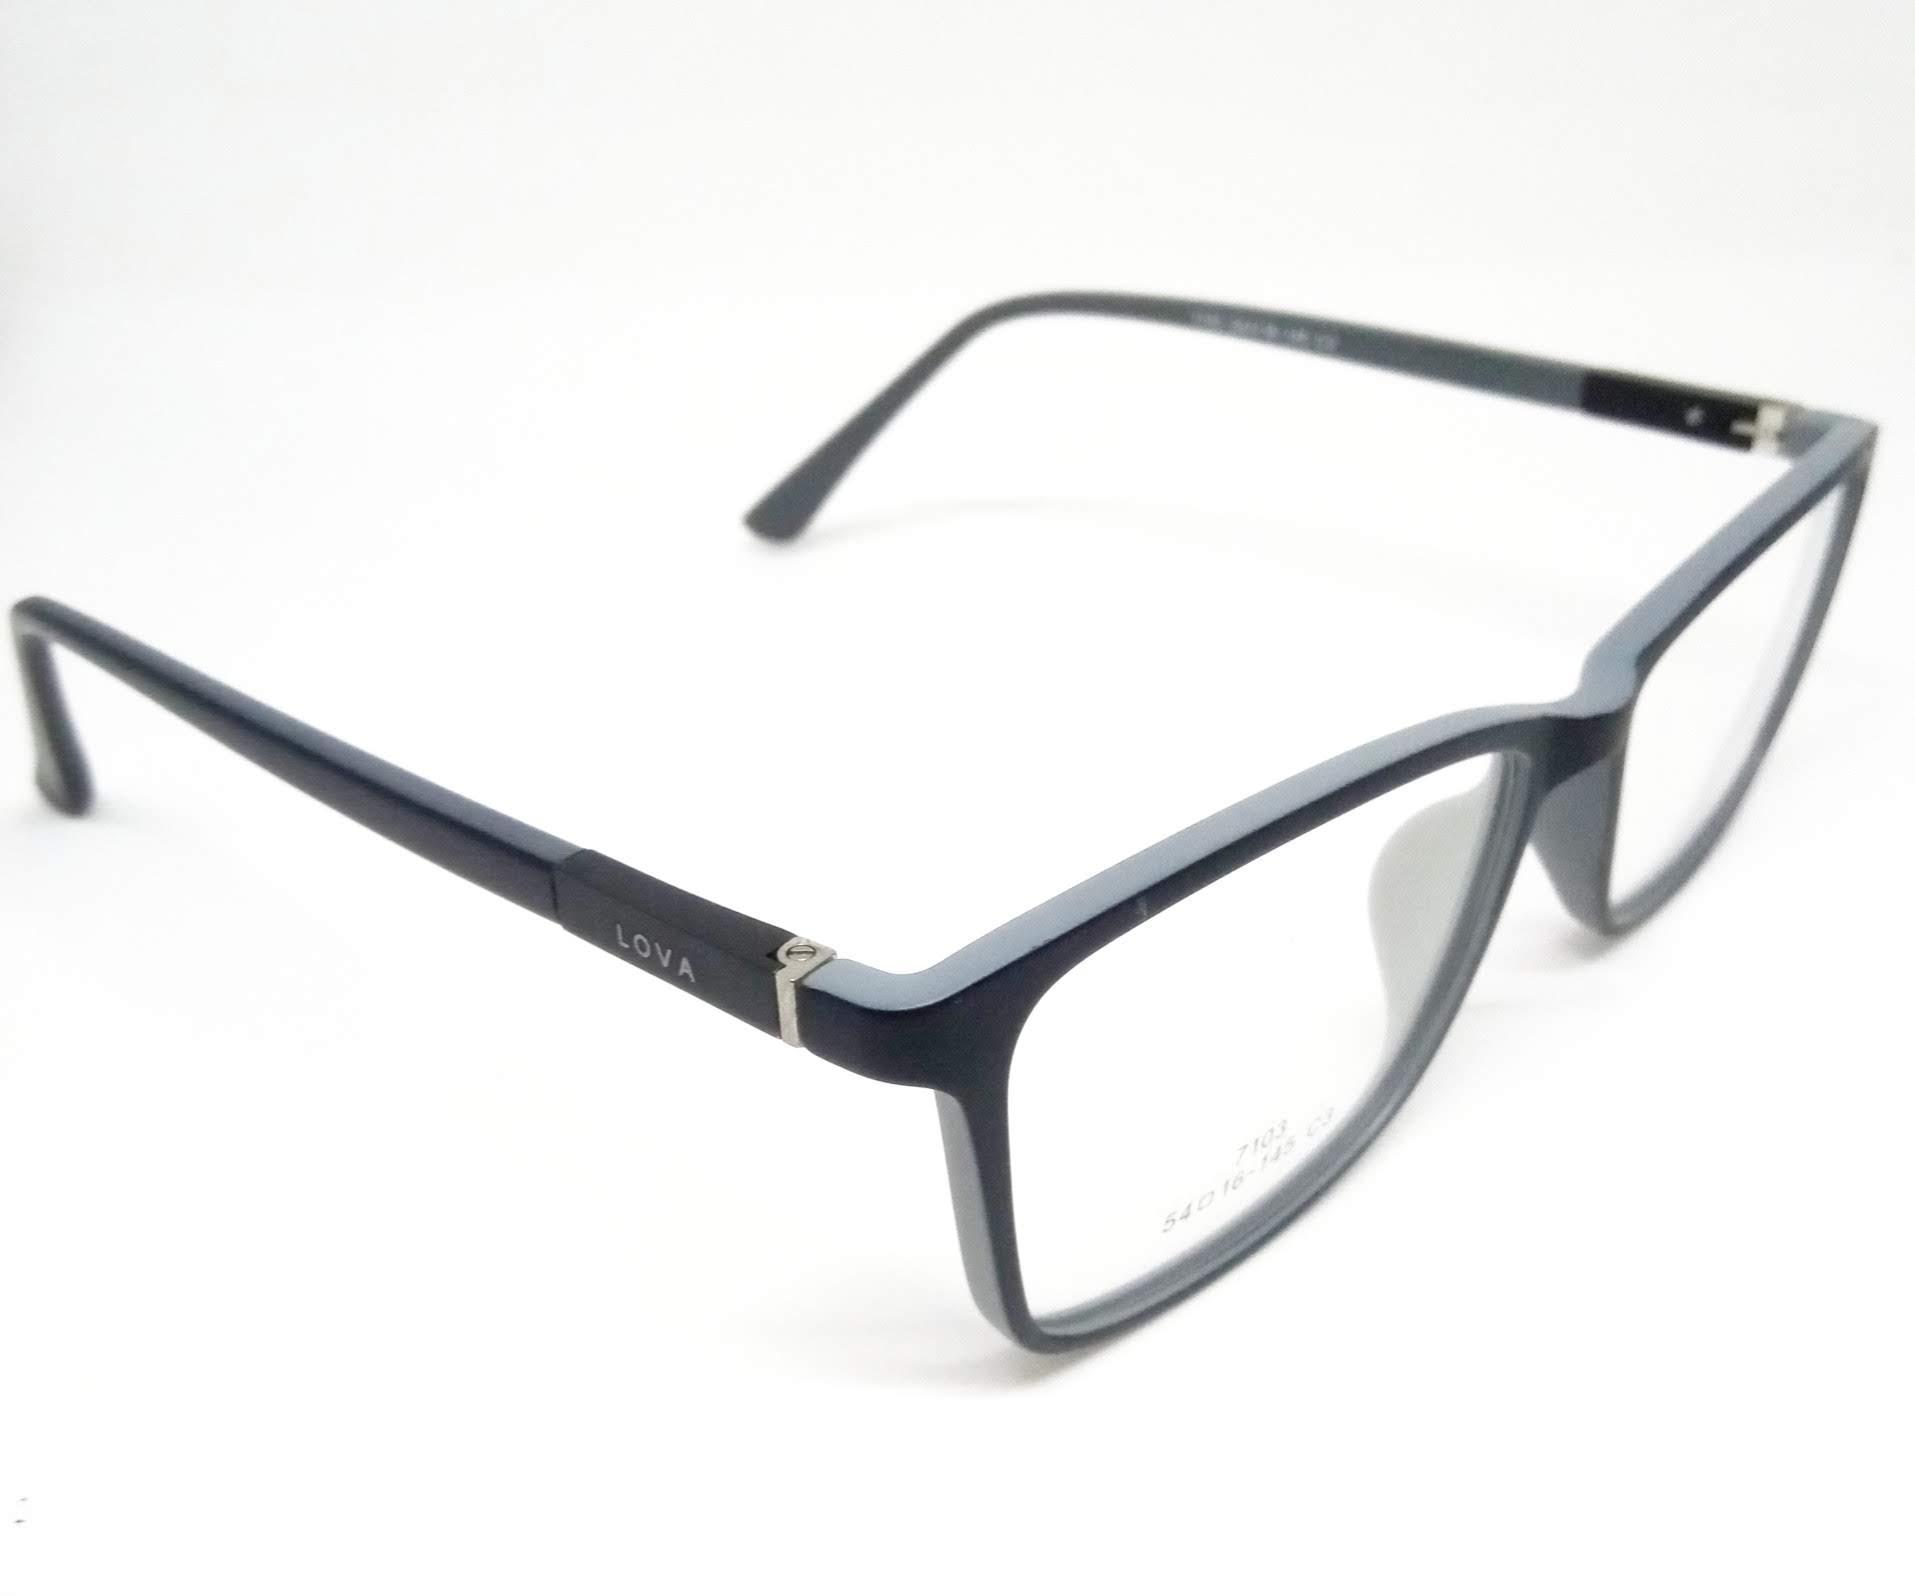 Armação Clipon Óculos de Grau Acetato Cinza Lova